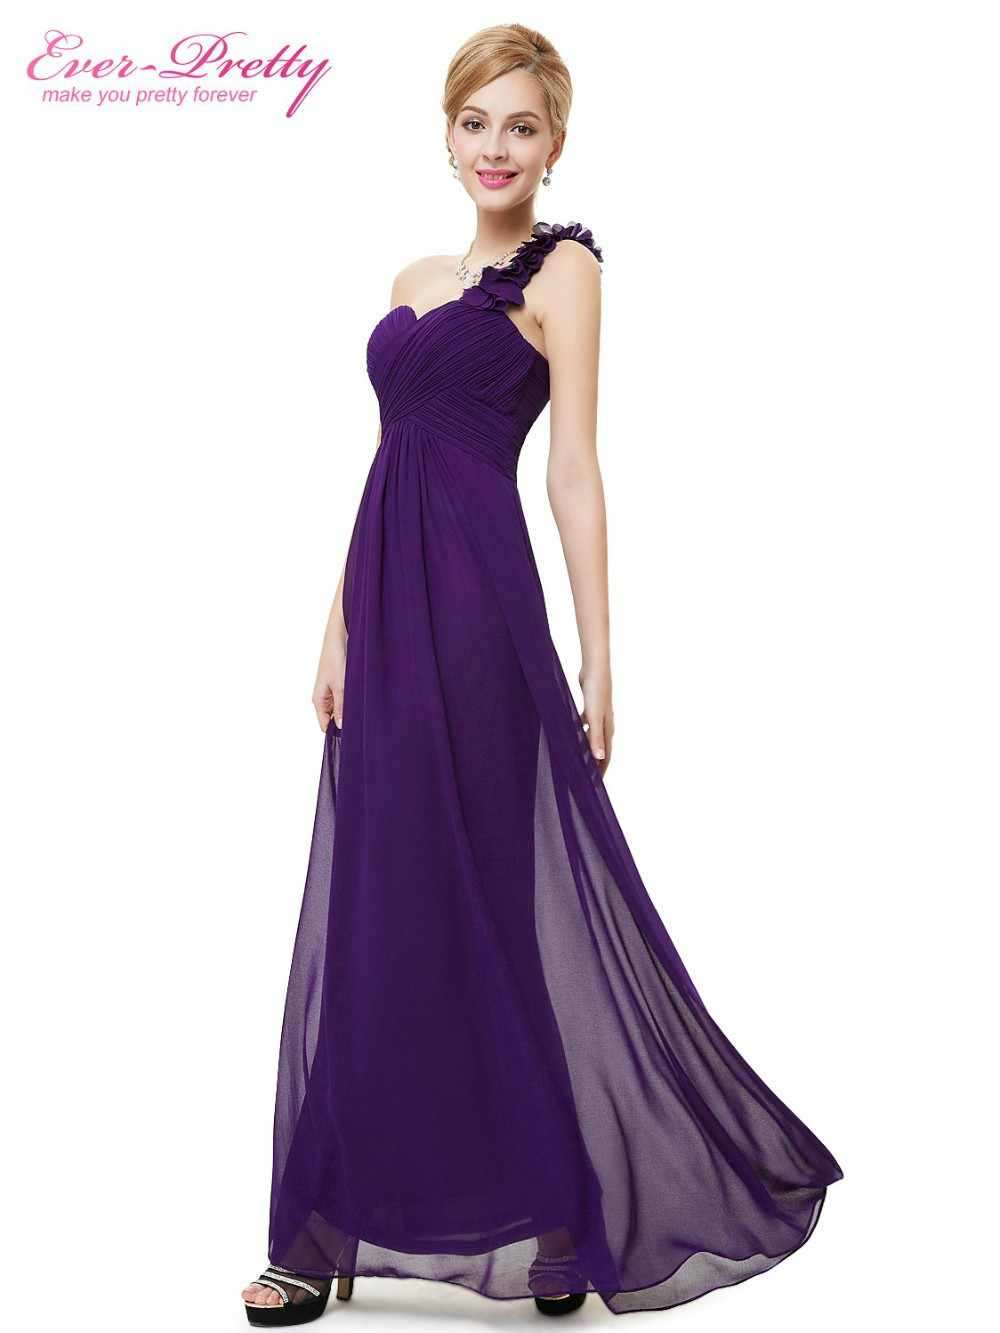 فساتين سهرة من أي وقت مضى جميلة EP09768 الزهور طويلة الأزرق مبطن كبير الحجم المرأة زهرة الأسود الشيفون 2019 فستان رسمي لحفل الزفاف